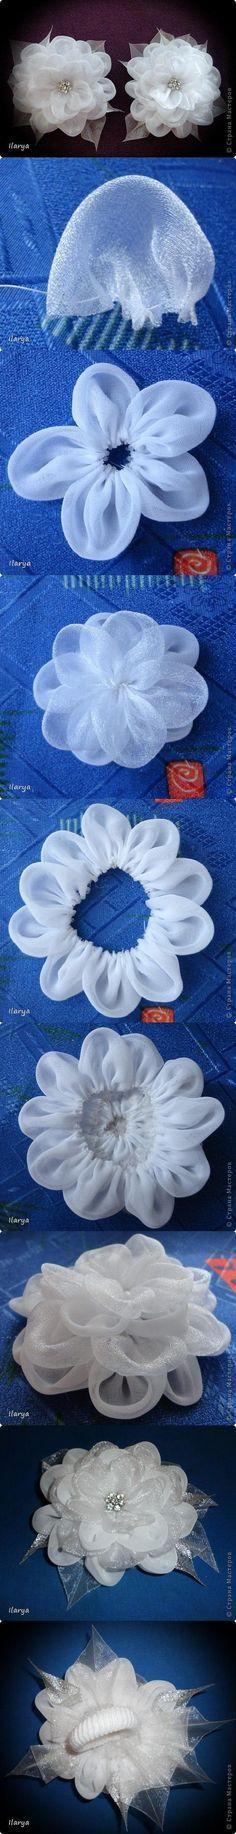 DIY Fabric Lust Flower | FabDiy